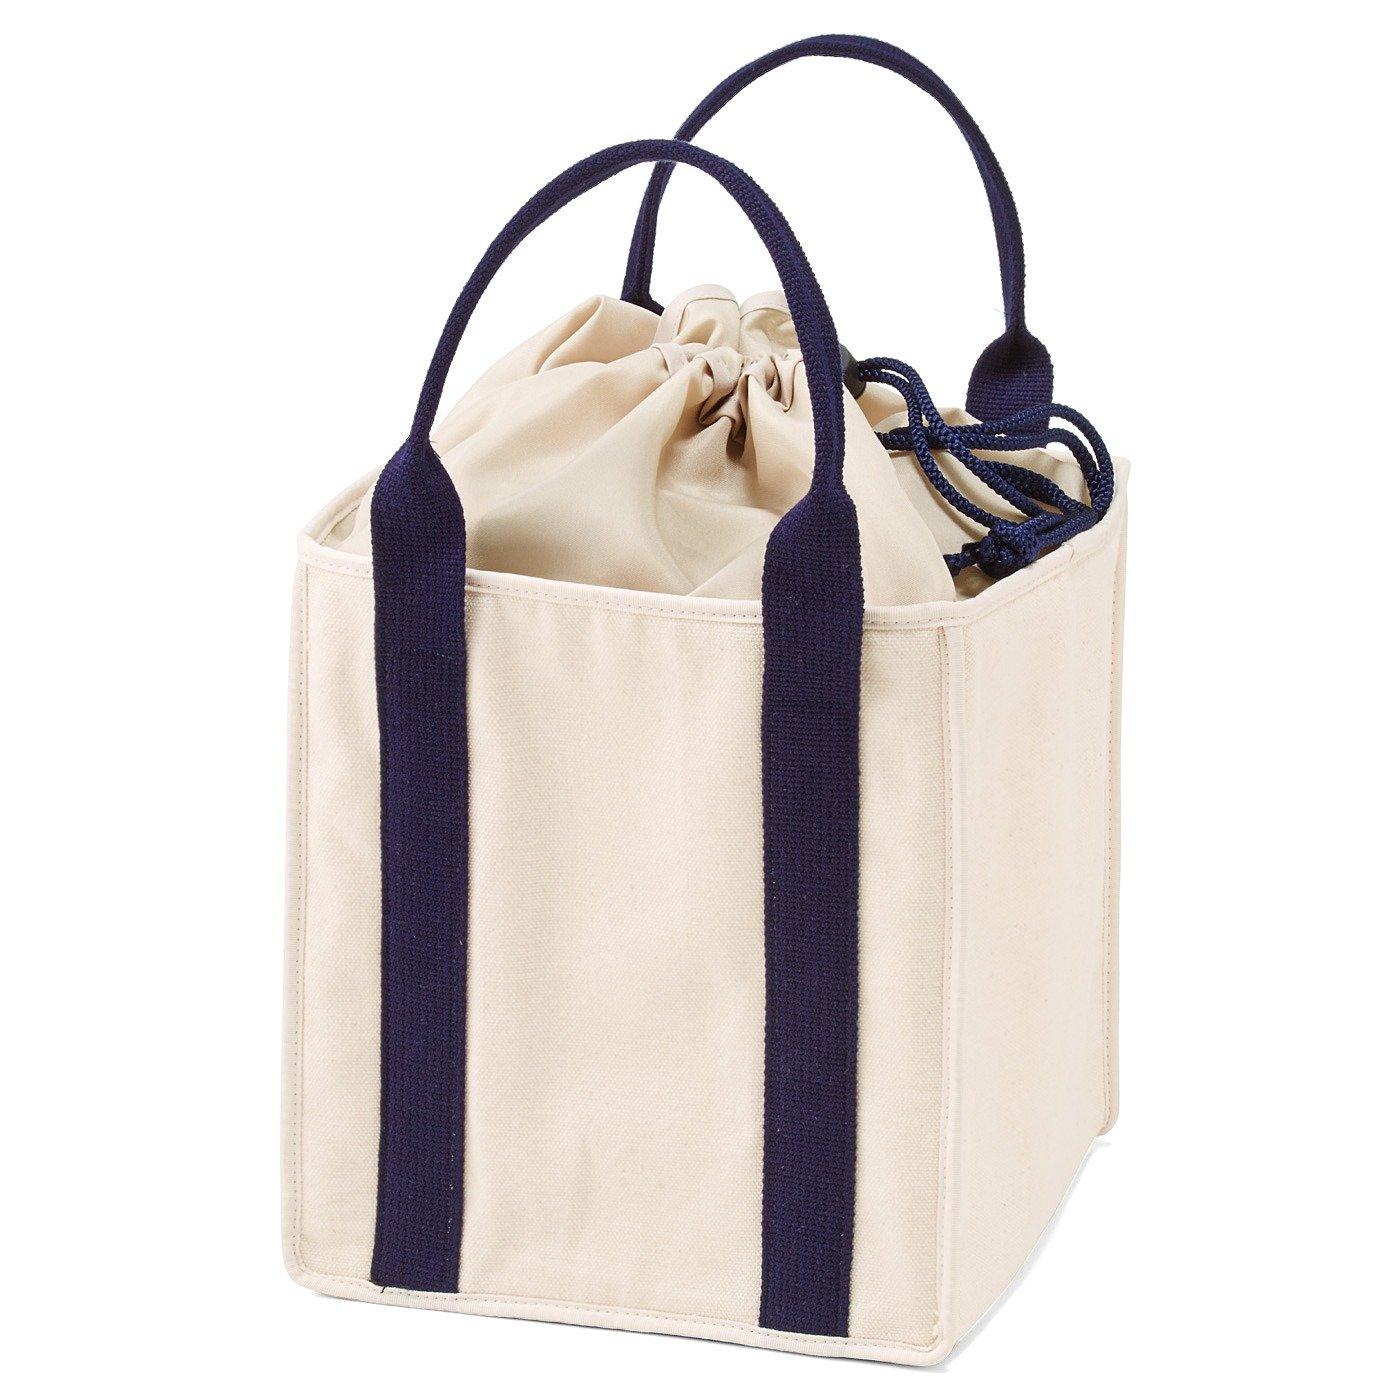 キャンバス素材のランチトートバッグ〈ラージサイズ〉